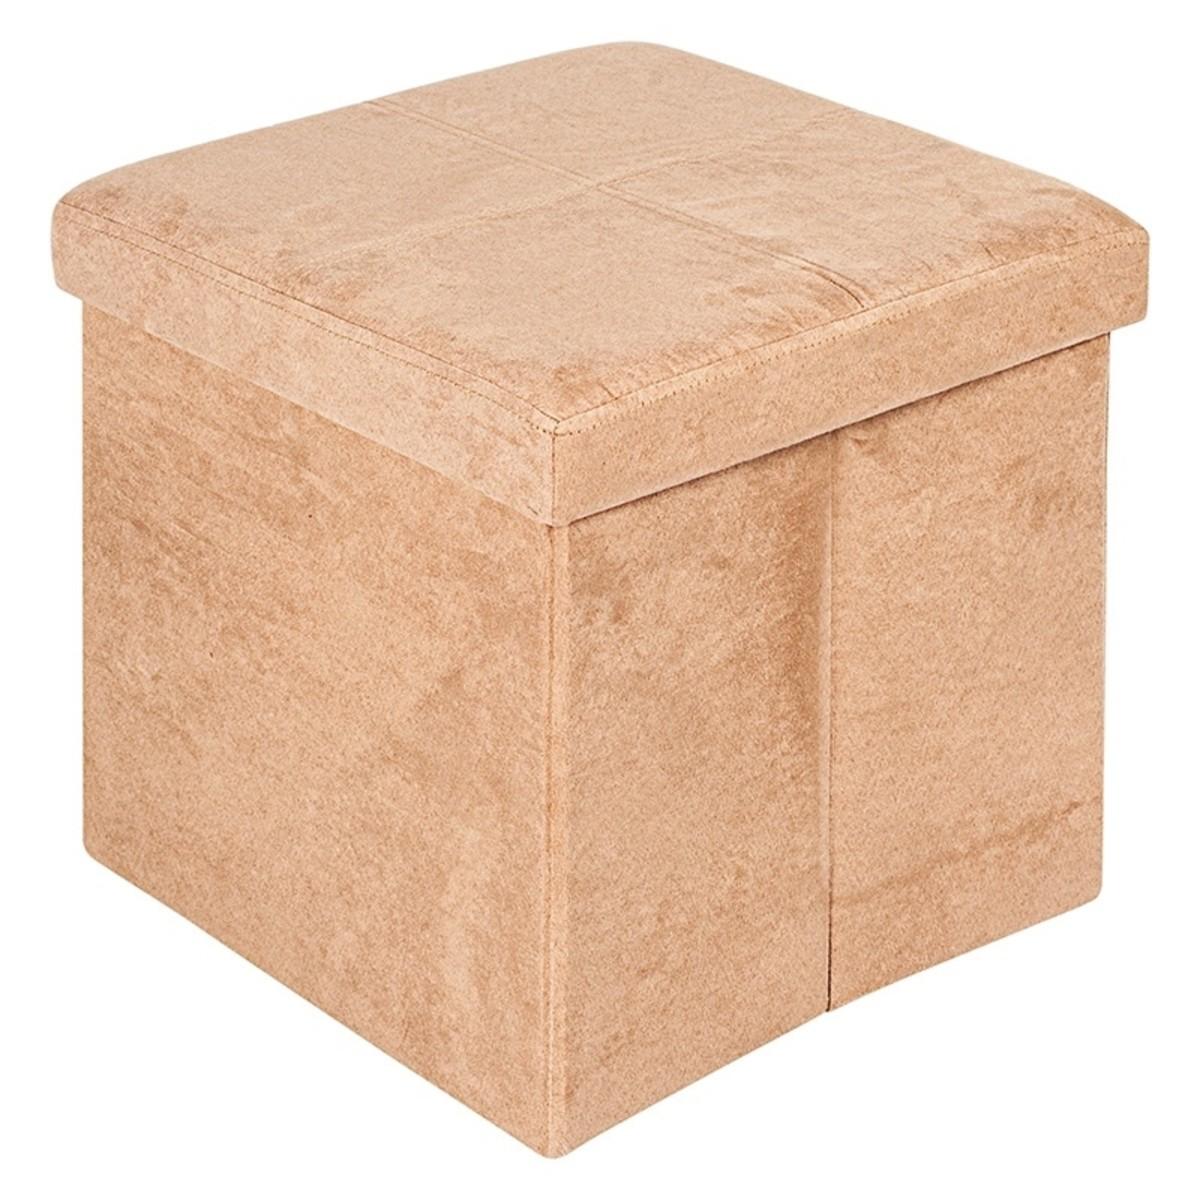 Короб Hausmann для хранения 38x38x38 см цвет бежевый